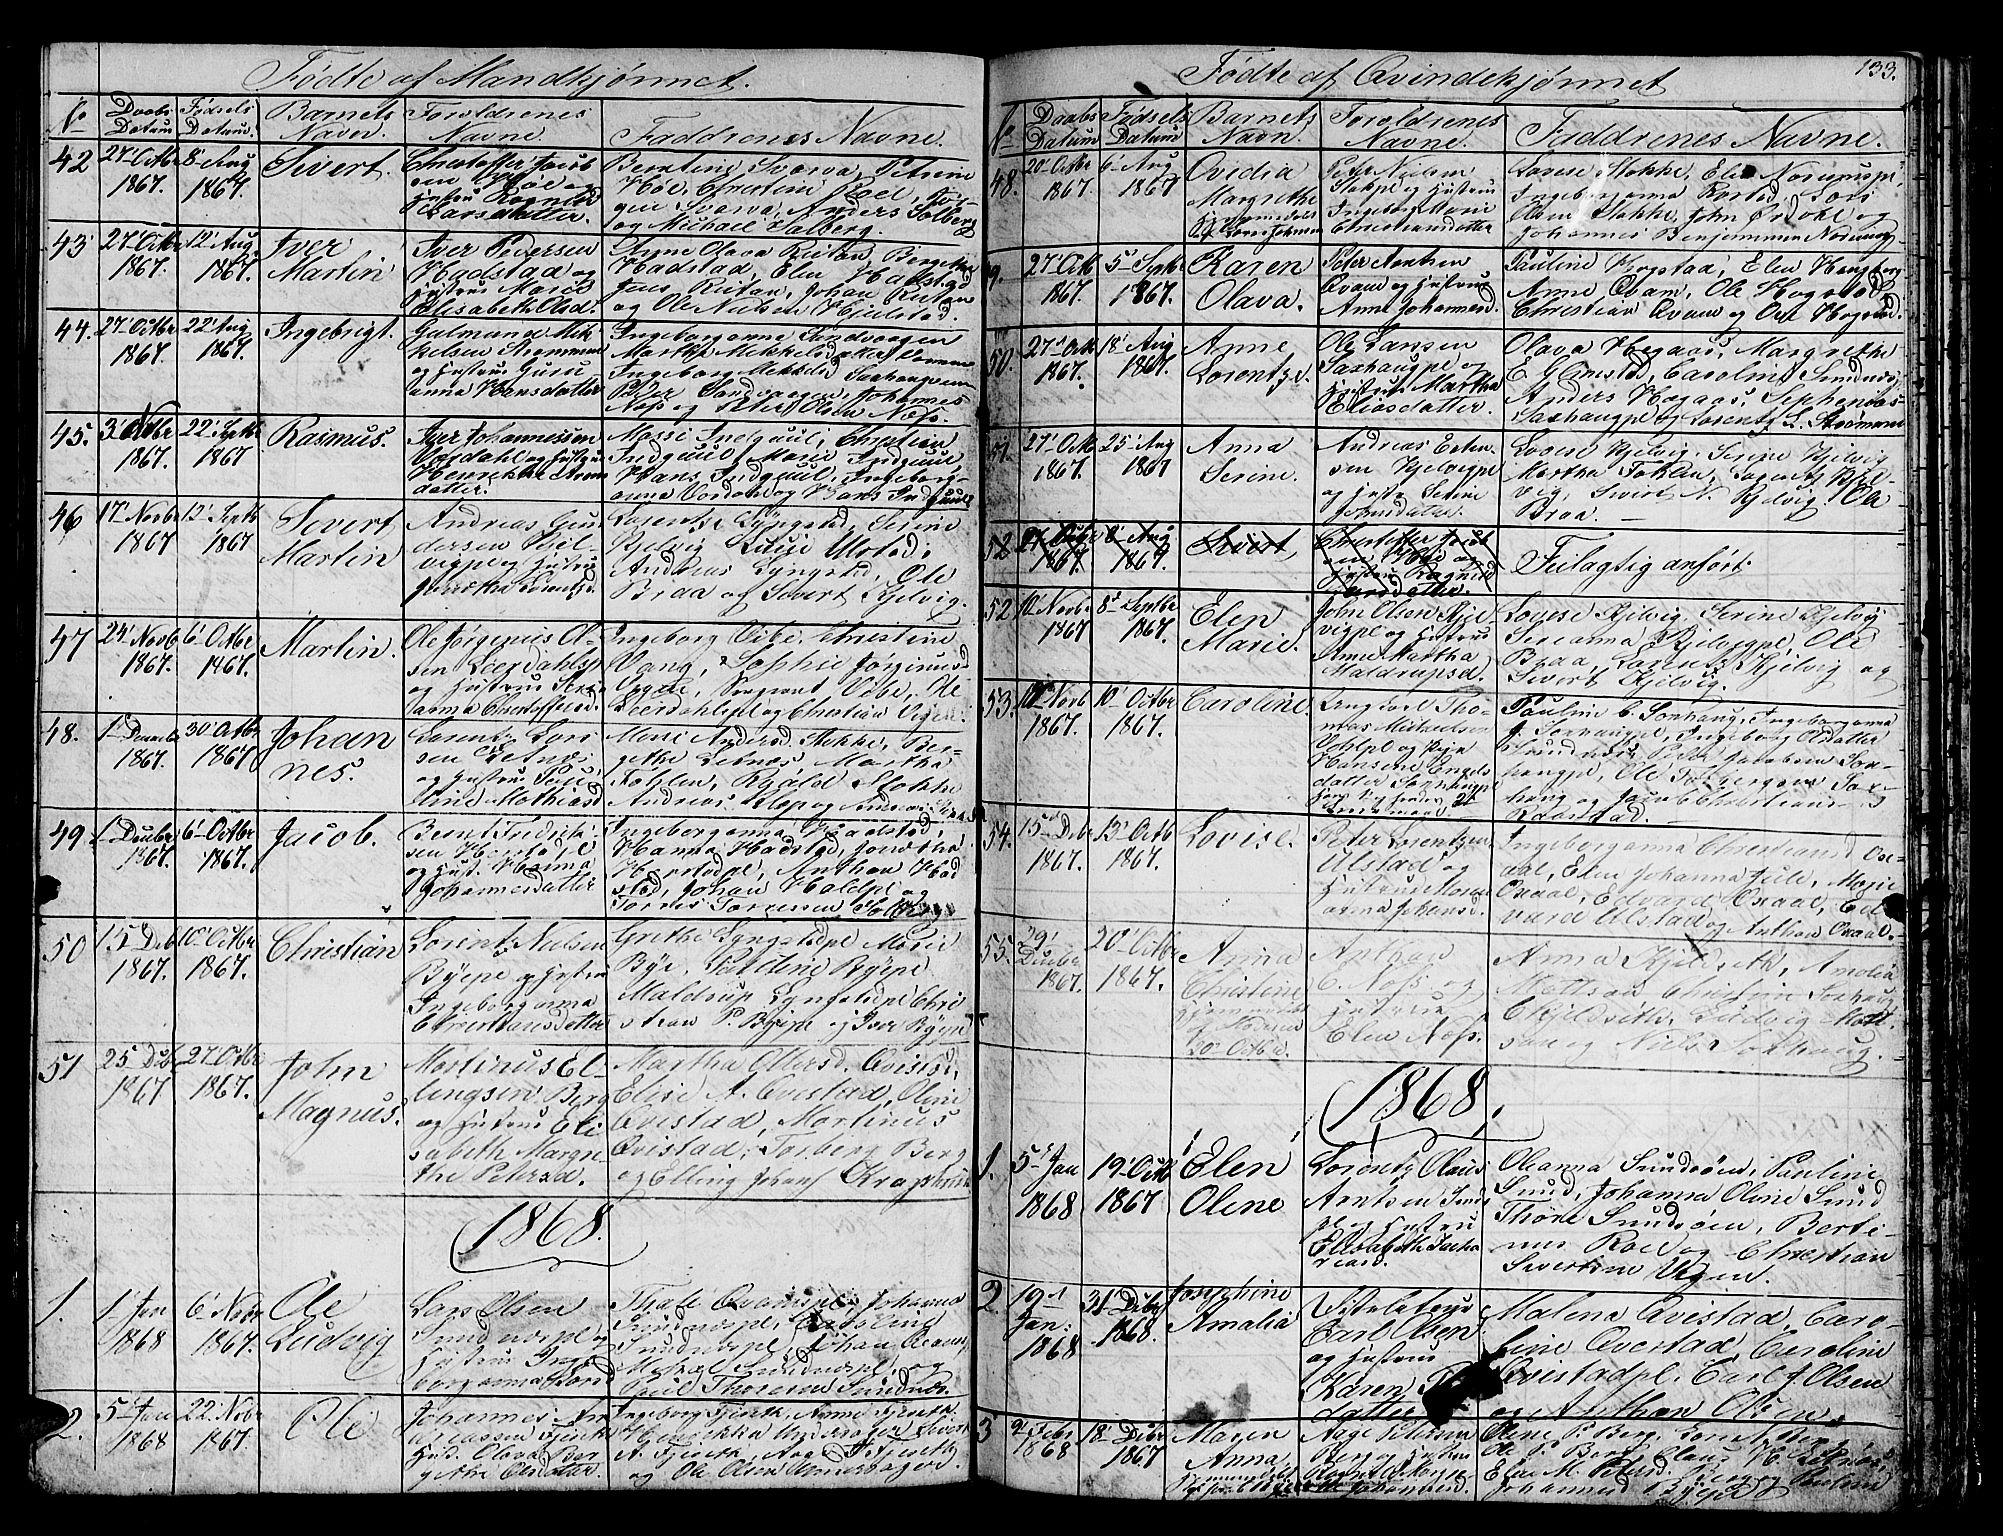 SAT, Ministerialprotokoller, klokkerbøker og fødselsregistre - Nord-Trøndelag, 730/L0299: Klokkerbok nr. 730C02, 1849-1871, s. 133